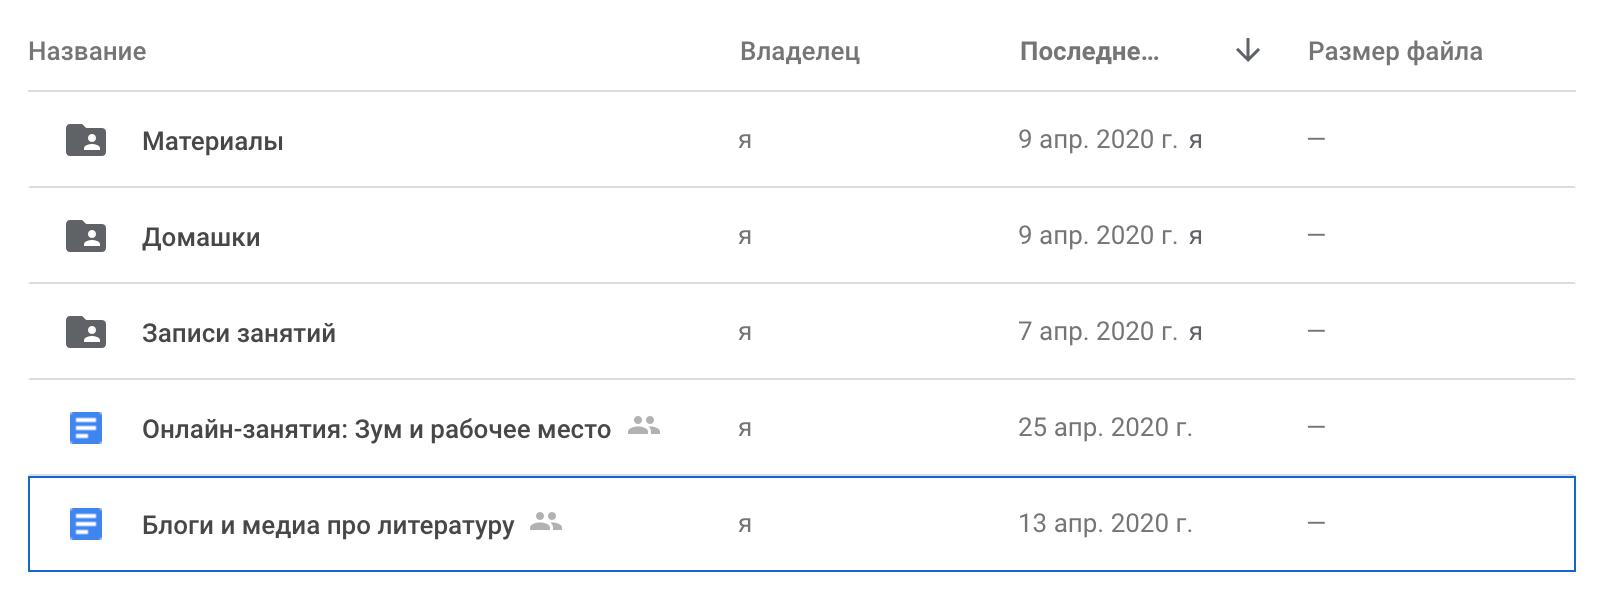 На гугл-диске курса есть не только папки длязанятий, но иполезные материалы: рассказ прото, как работать вонлайне, иподборка полезных ссылок